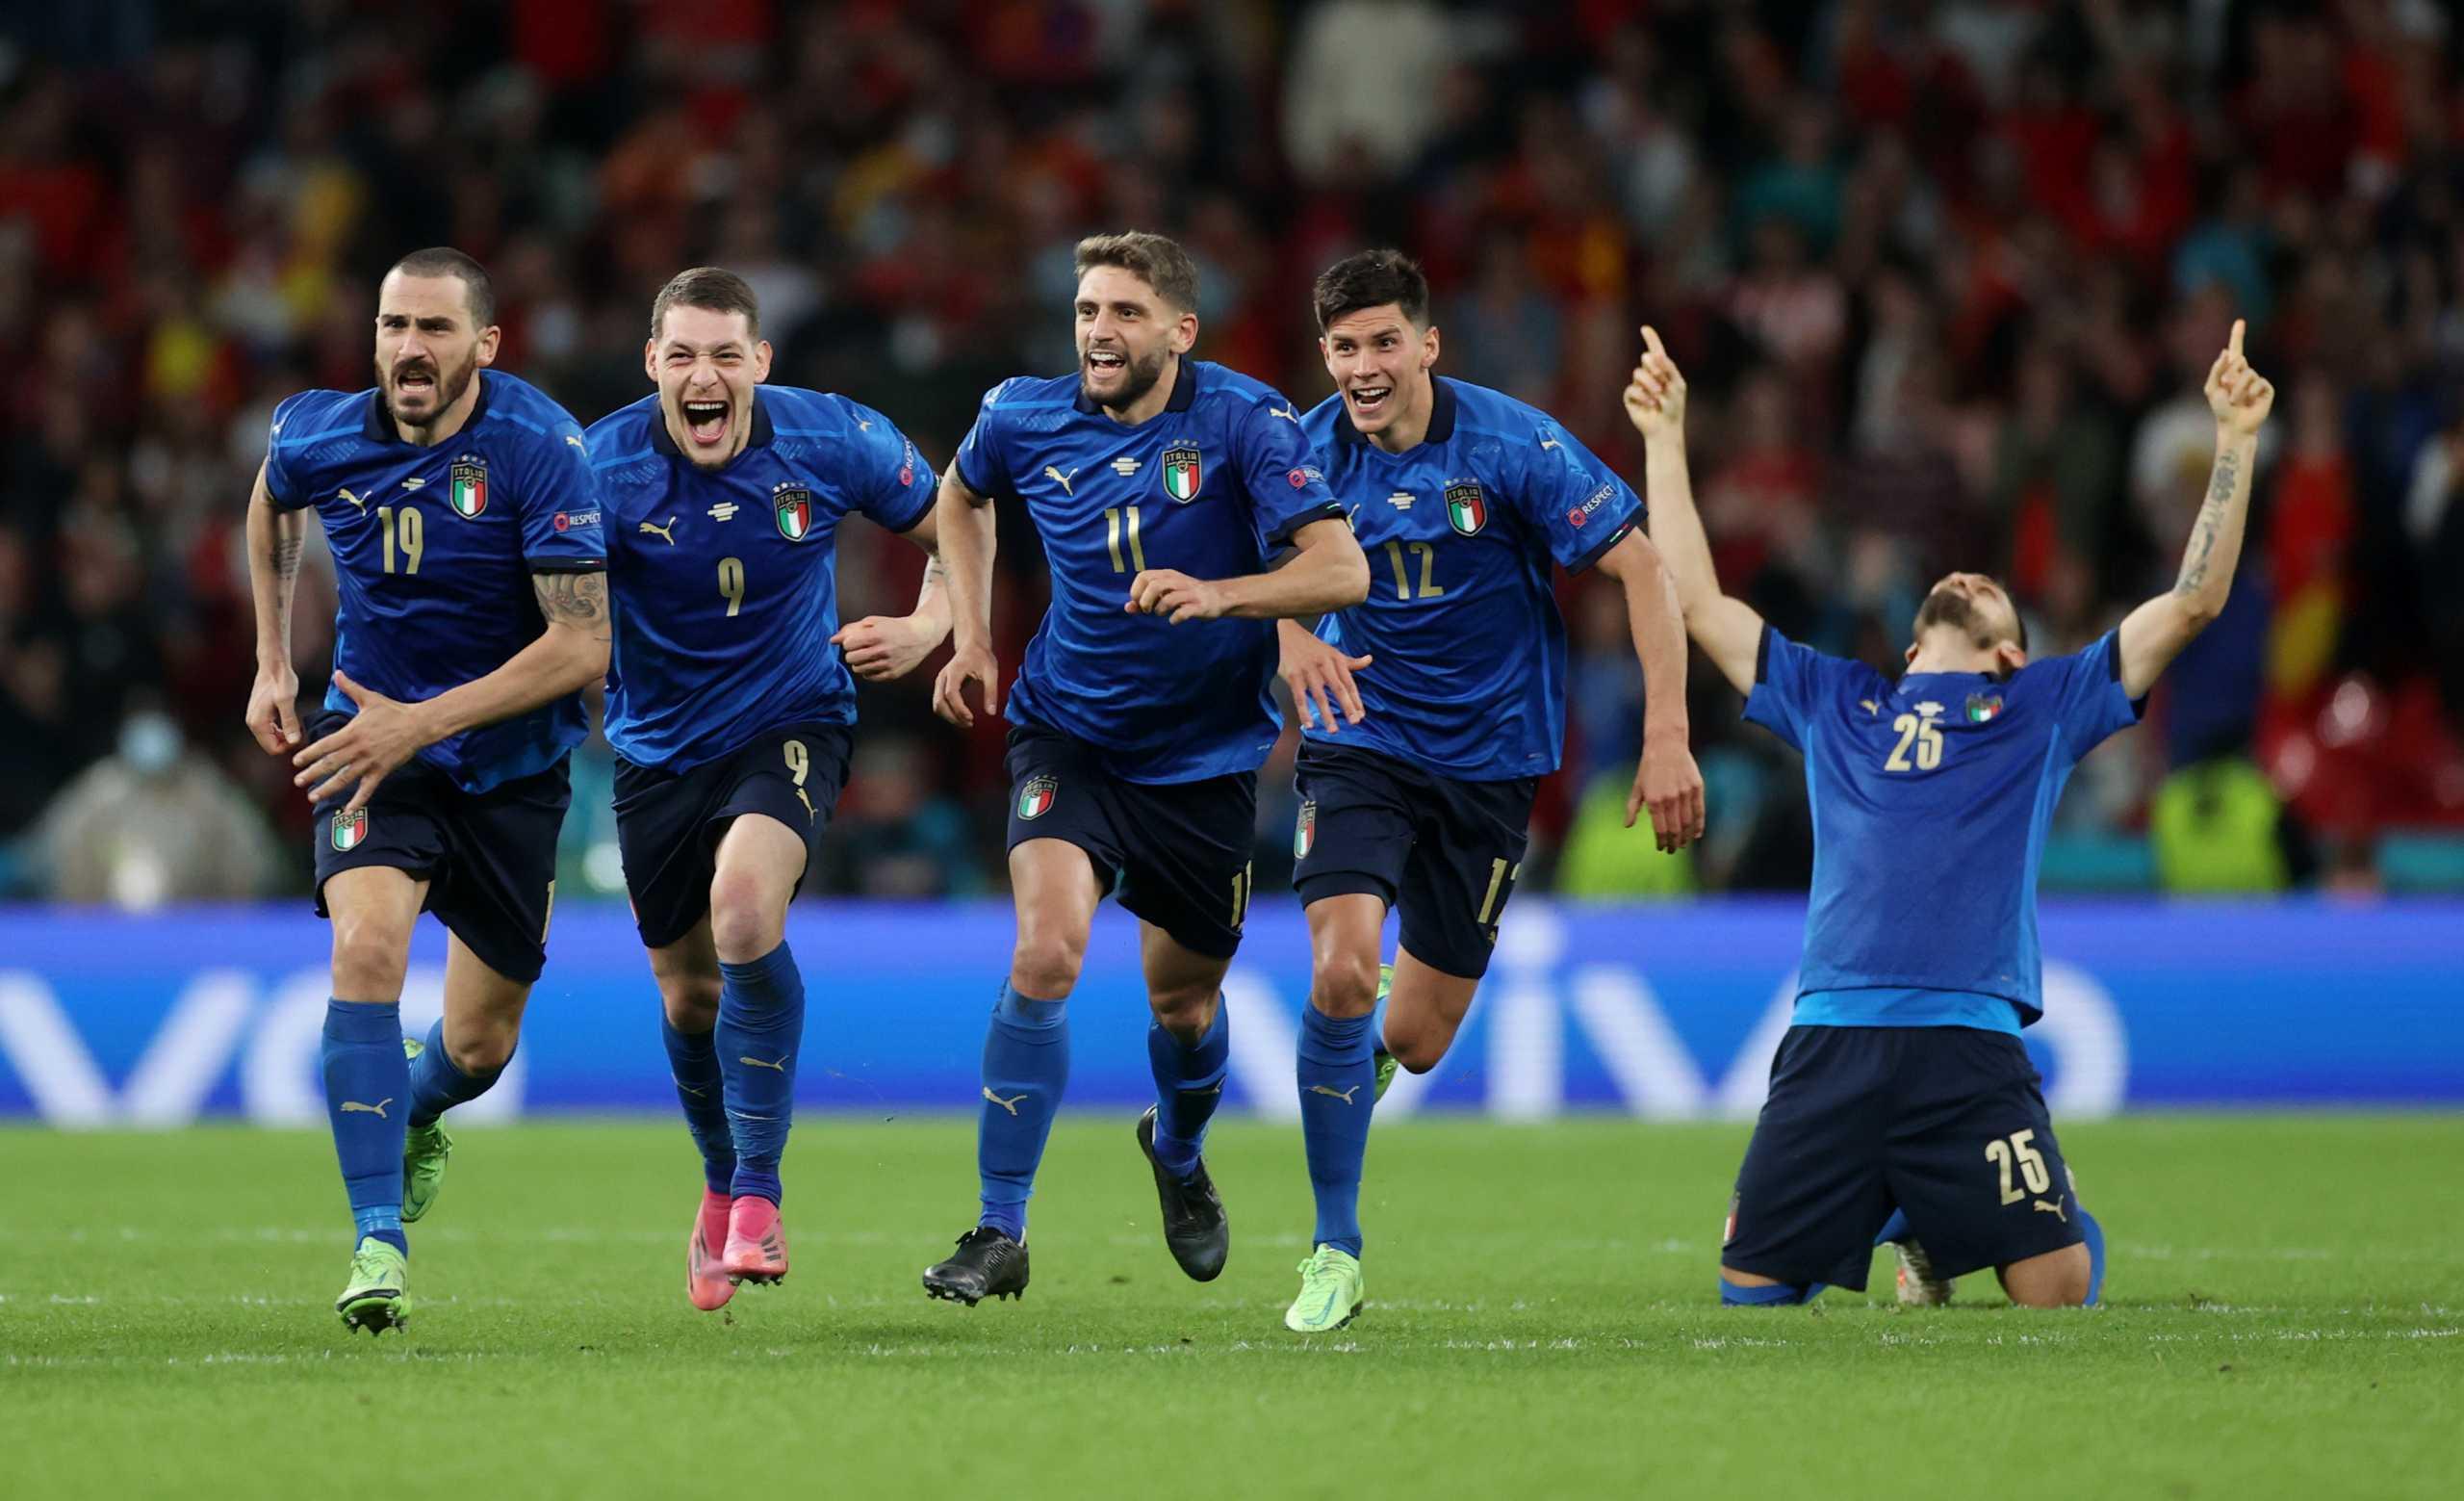 EURO 2020: Η Ιταλία κέρδισε στα πέναλτι την Ισπανία με 4-2 [βιντεο]